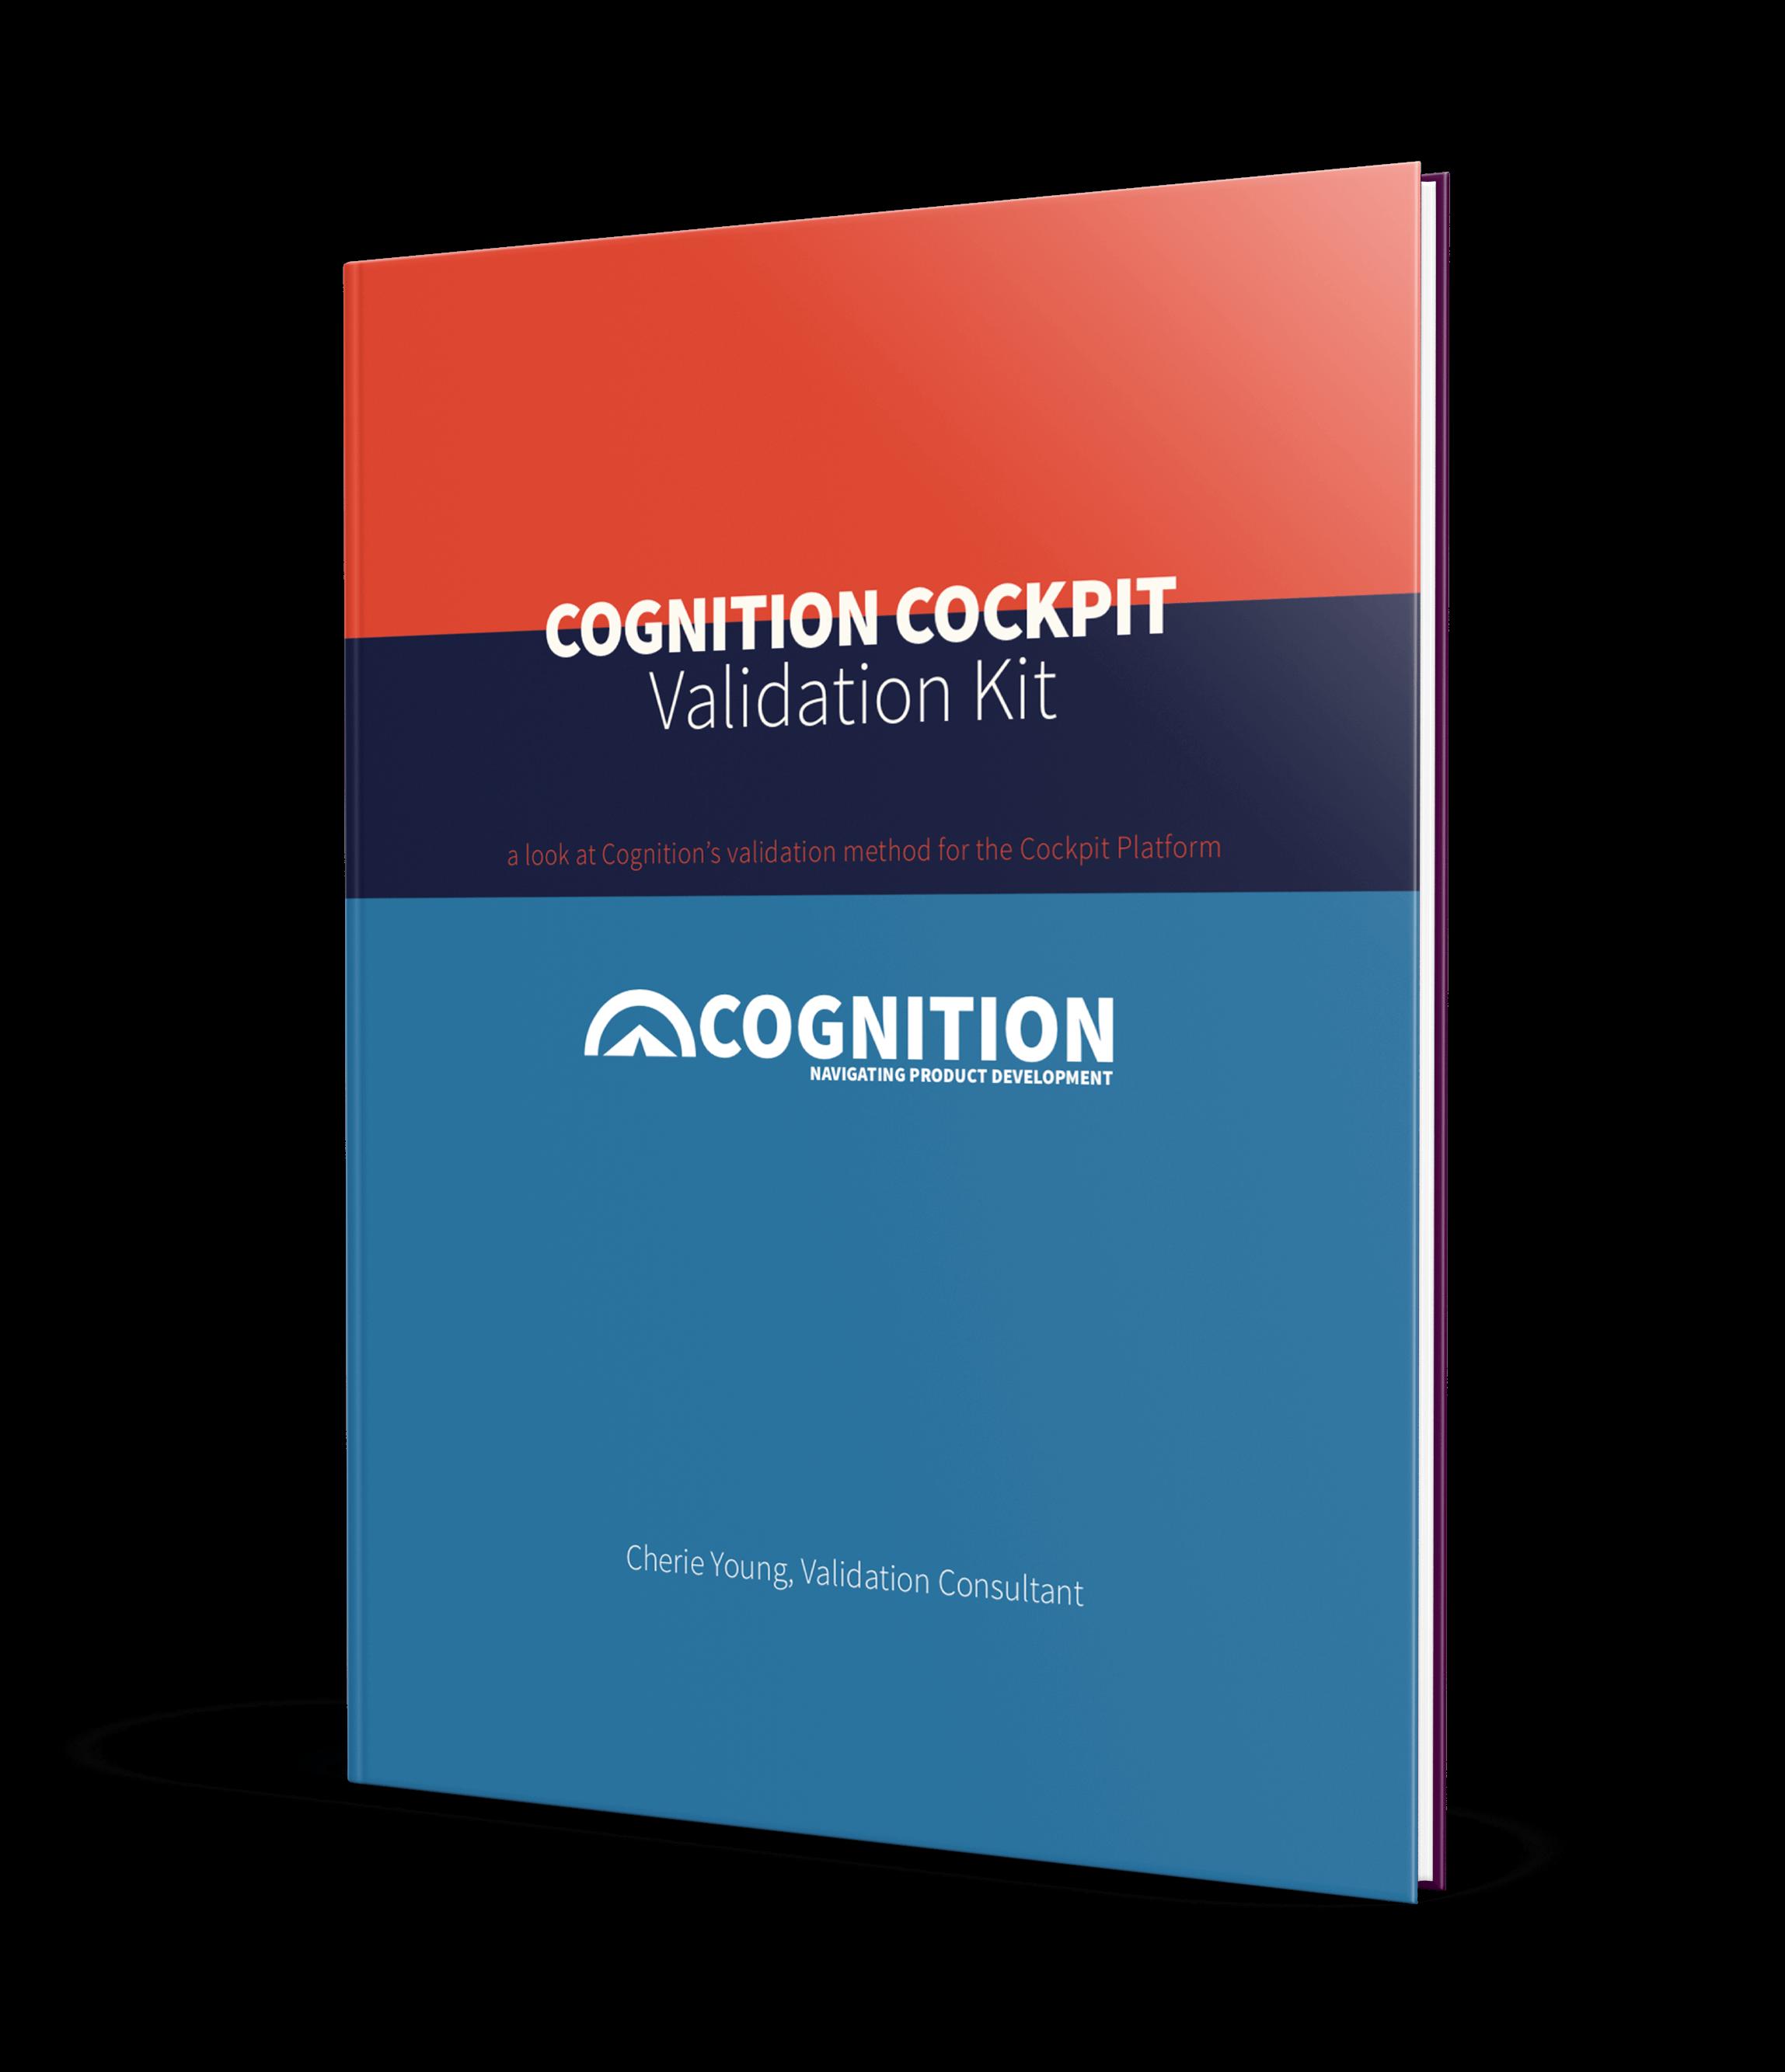 Cognition Corporation White Paper: Cockpit Platform Validation Kit